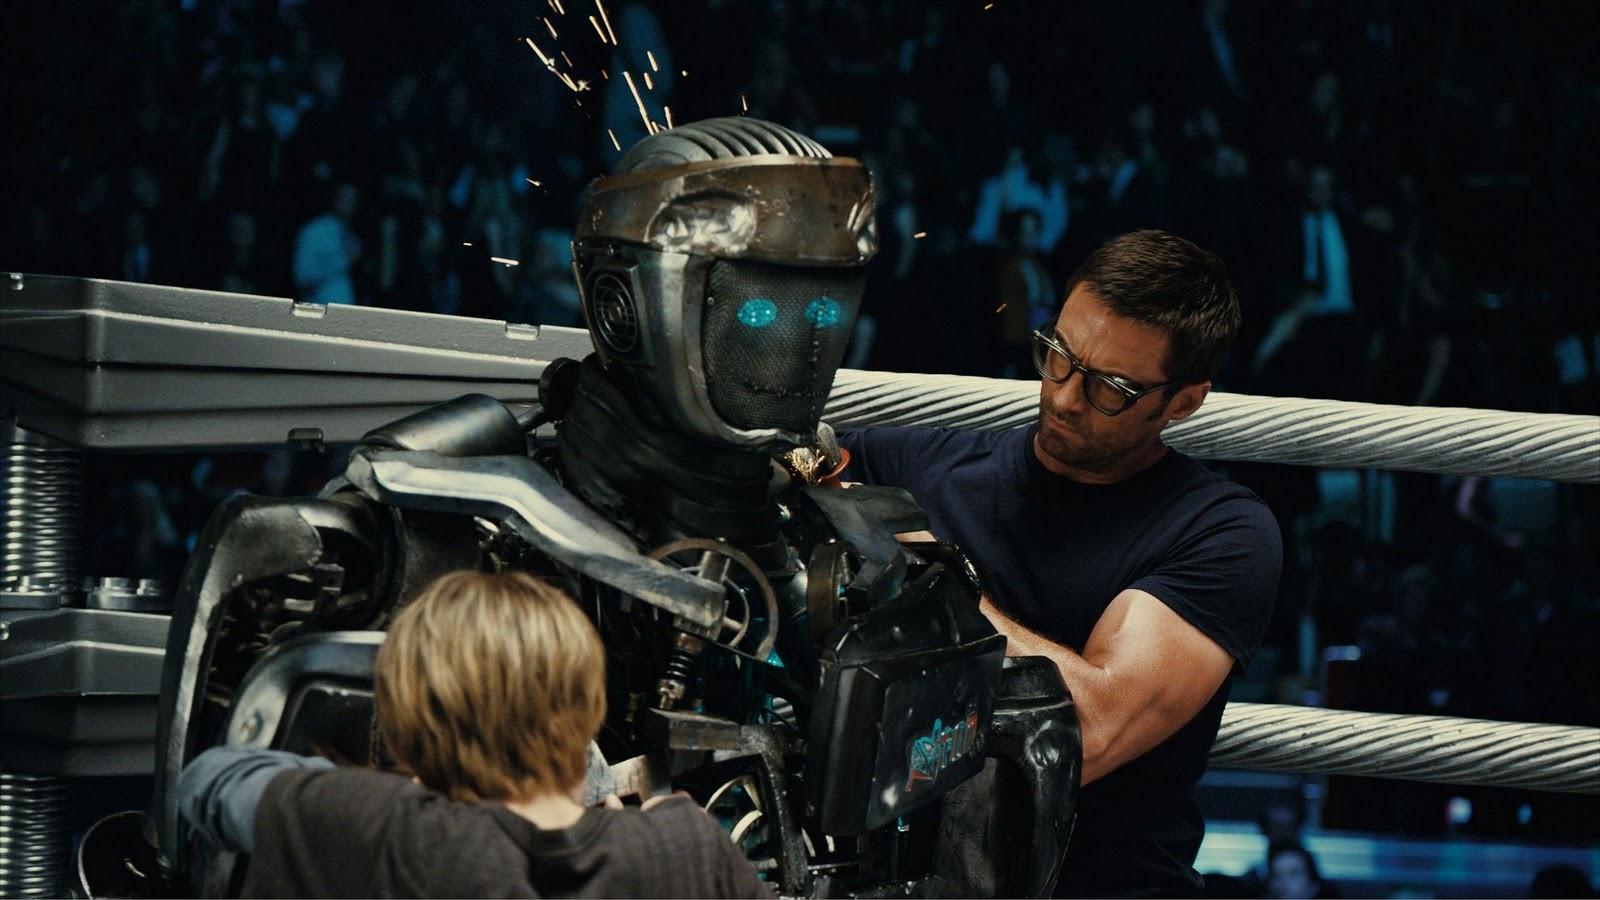 http://2.bp.blogspot.com/-WyWa0-pJDSg/TpEm0OIiGEI/AAAAAAAAeWg/snDsrMEmqyI/s1600/Real_Steel-Movie-Hugh_Jackman-+%25281%2529.jpg